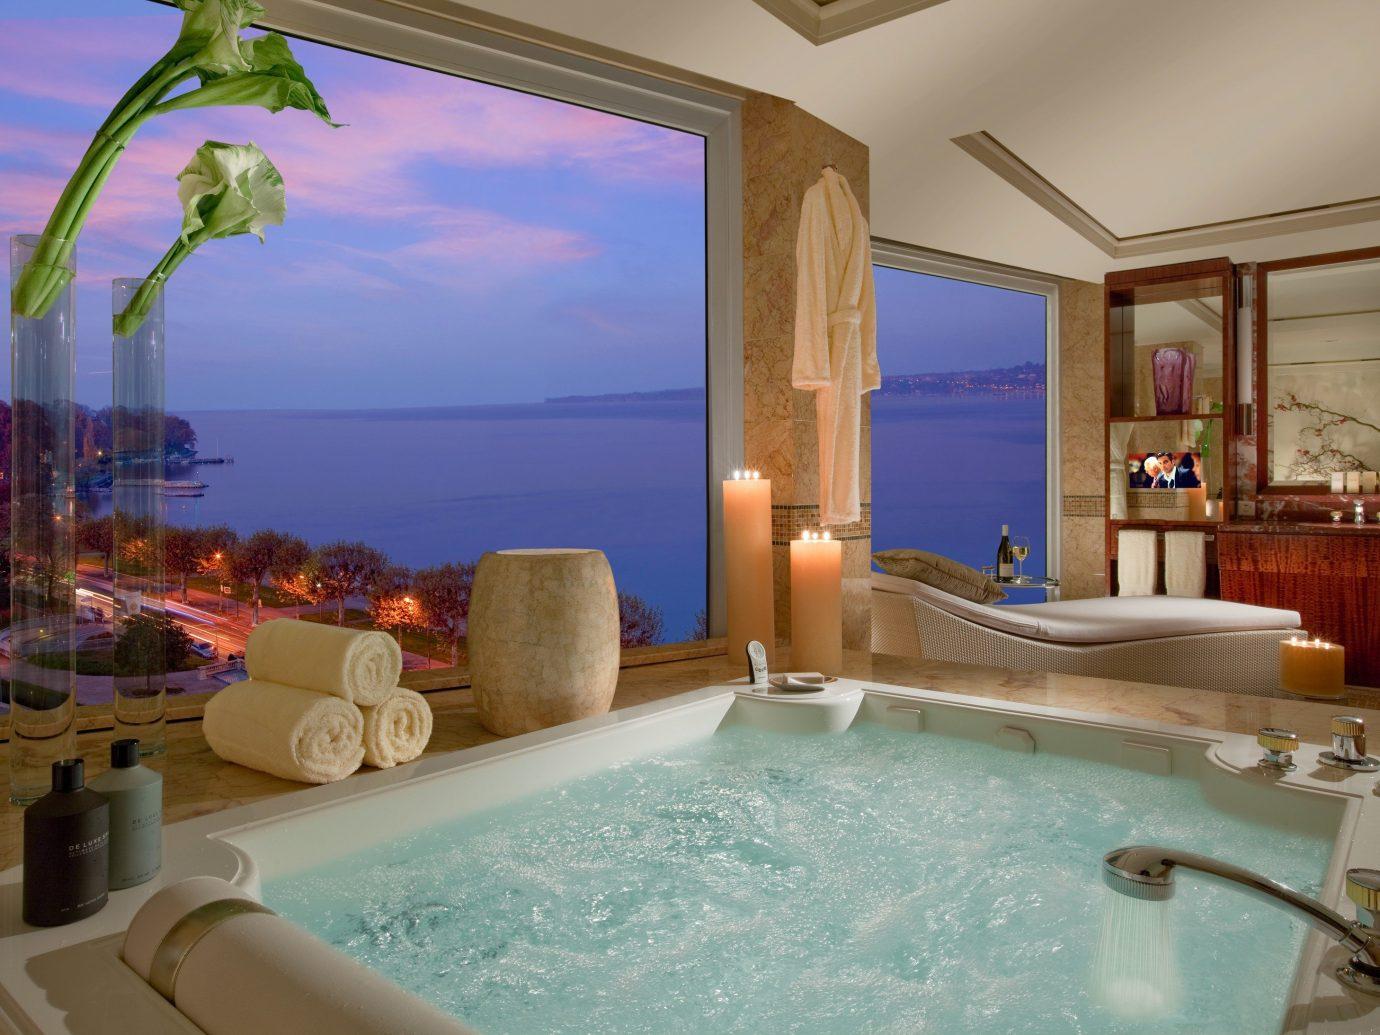 Hotels Luxury Travel indoor swimming pool room property vessel bathtub estate Suite jacuzzi Villa mansion interior design condominium real estate Resort Bath tub furniture